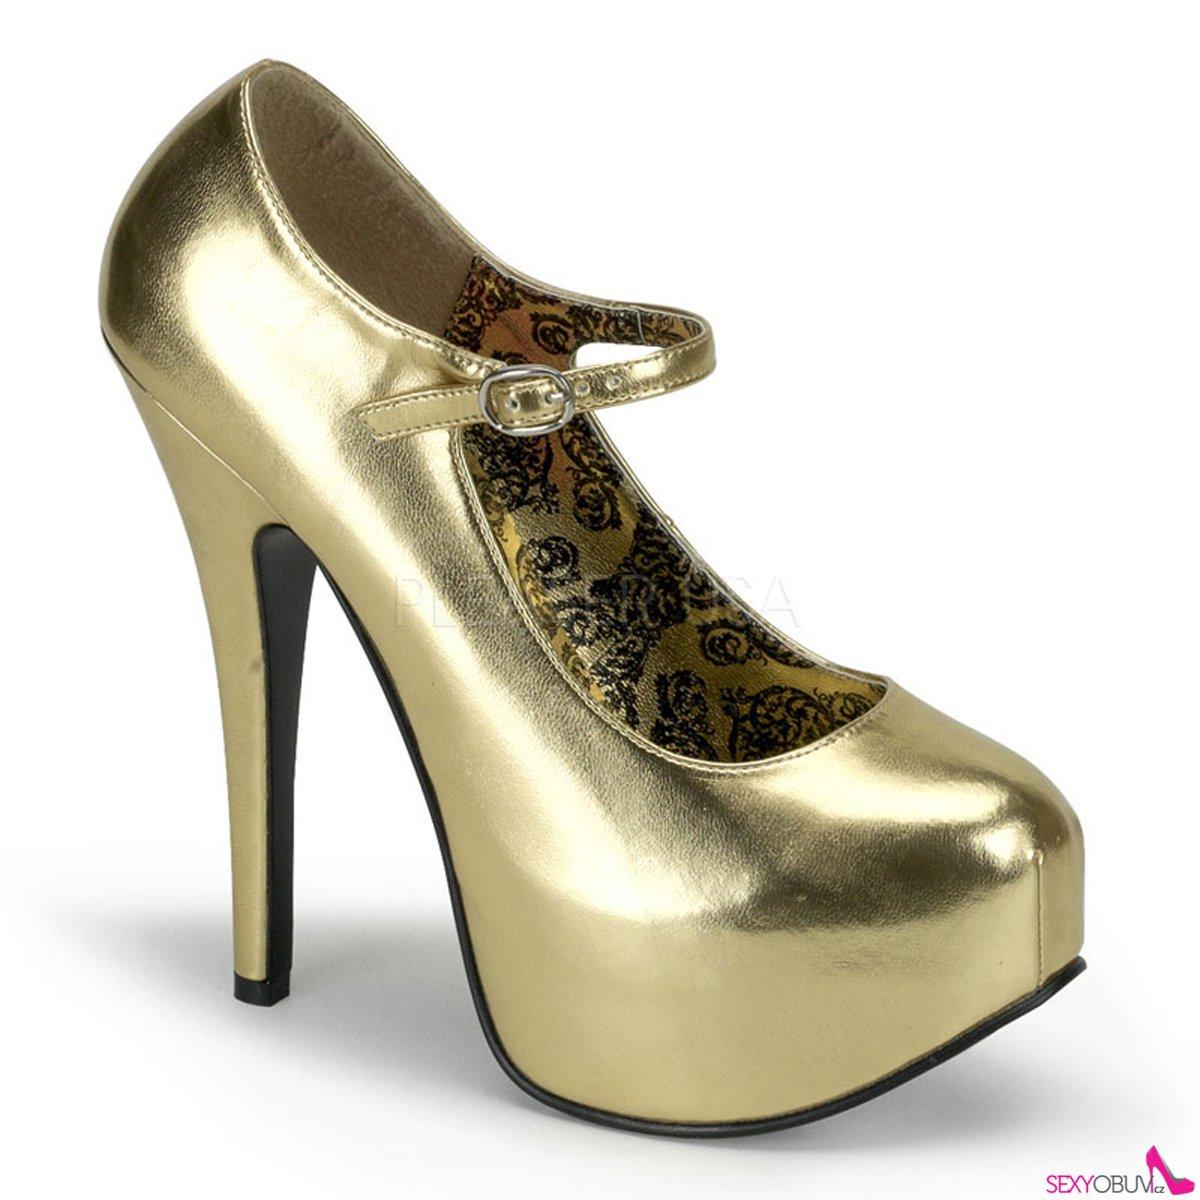 ebaf0054f5bd TEEZE-07 Zlaté matné dámské lodičky na podpatku